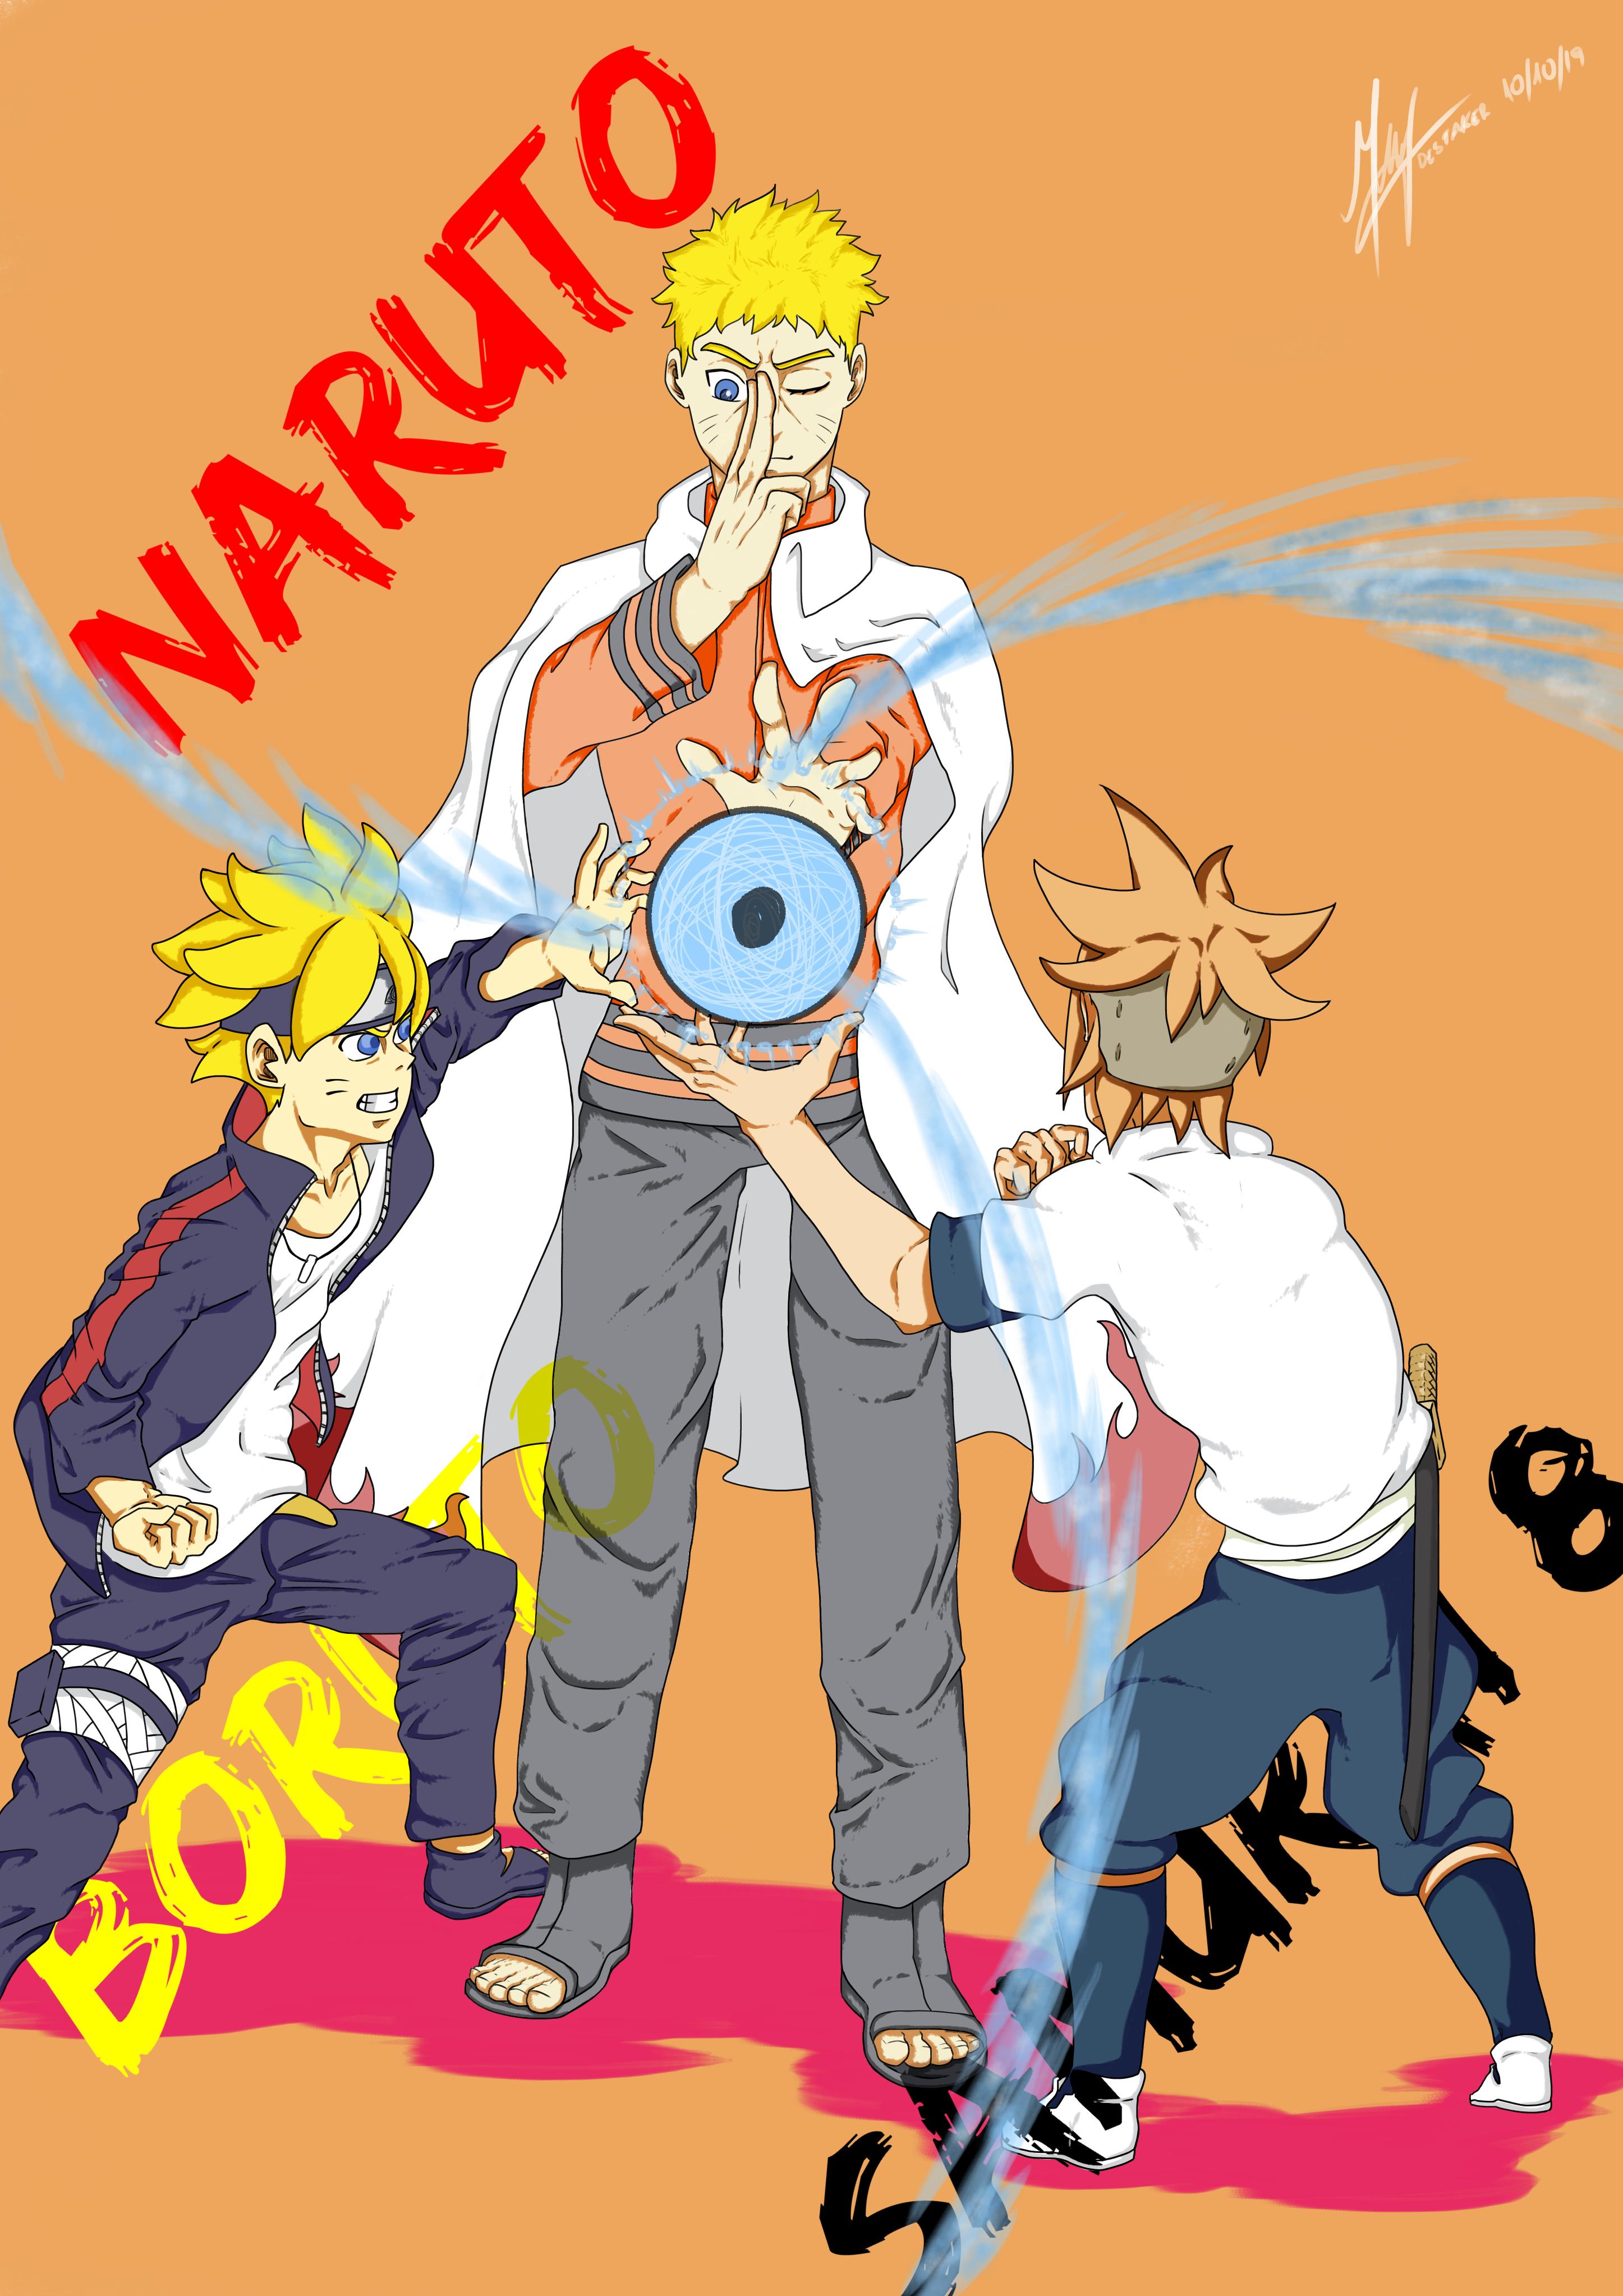 Pin by Erick McGee on Anime in 2020 Samurai, Boruto, Naruto